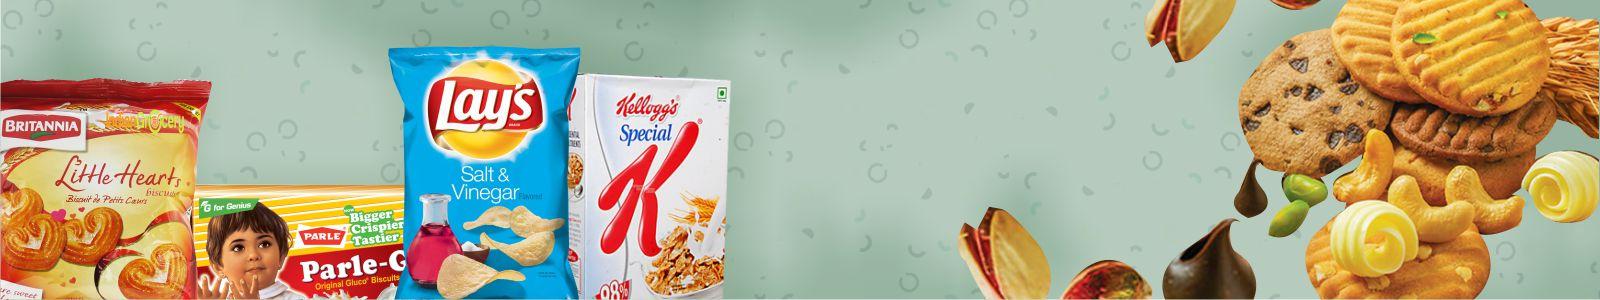 Branded Foods